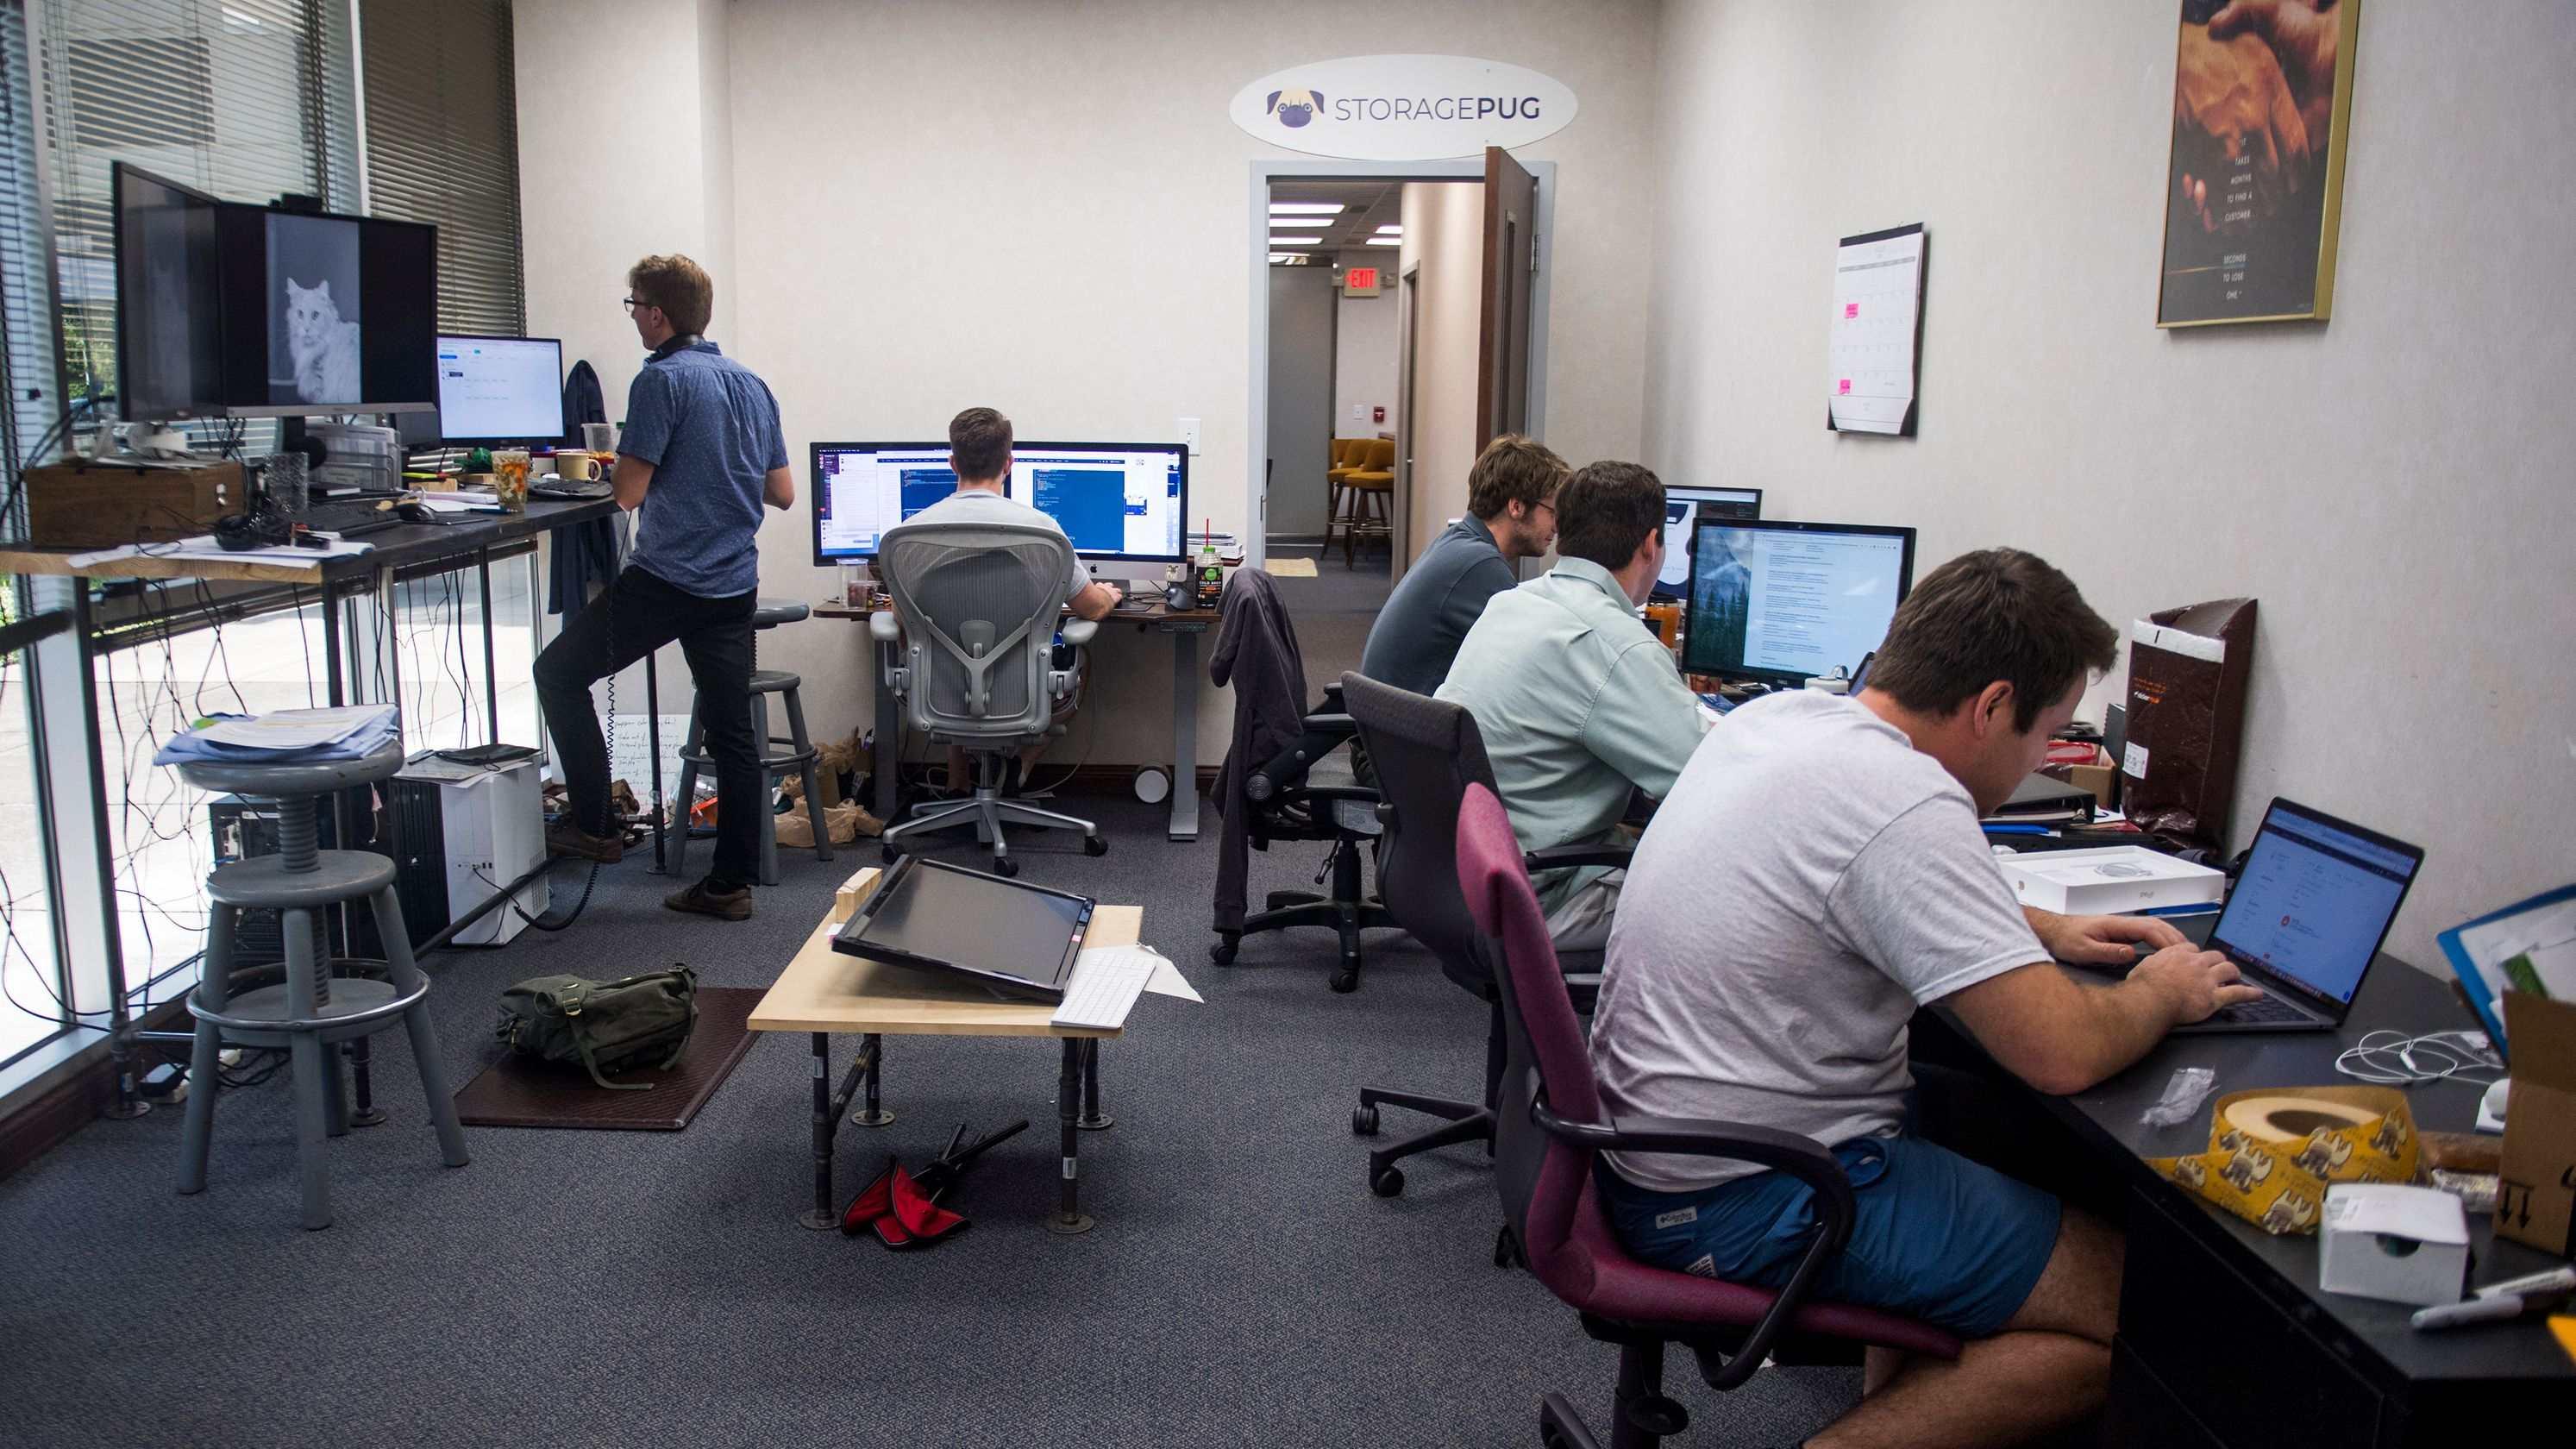 O que é uma startup? A empresa do século 21